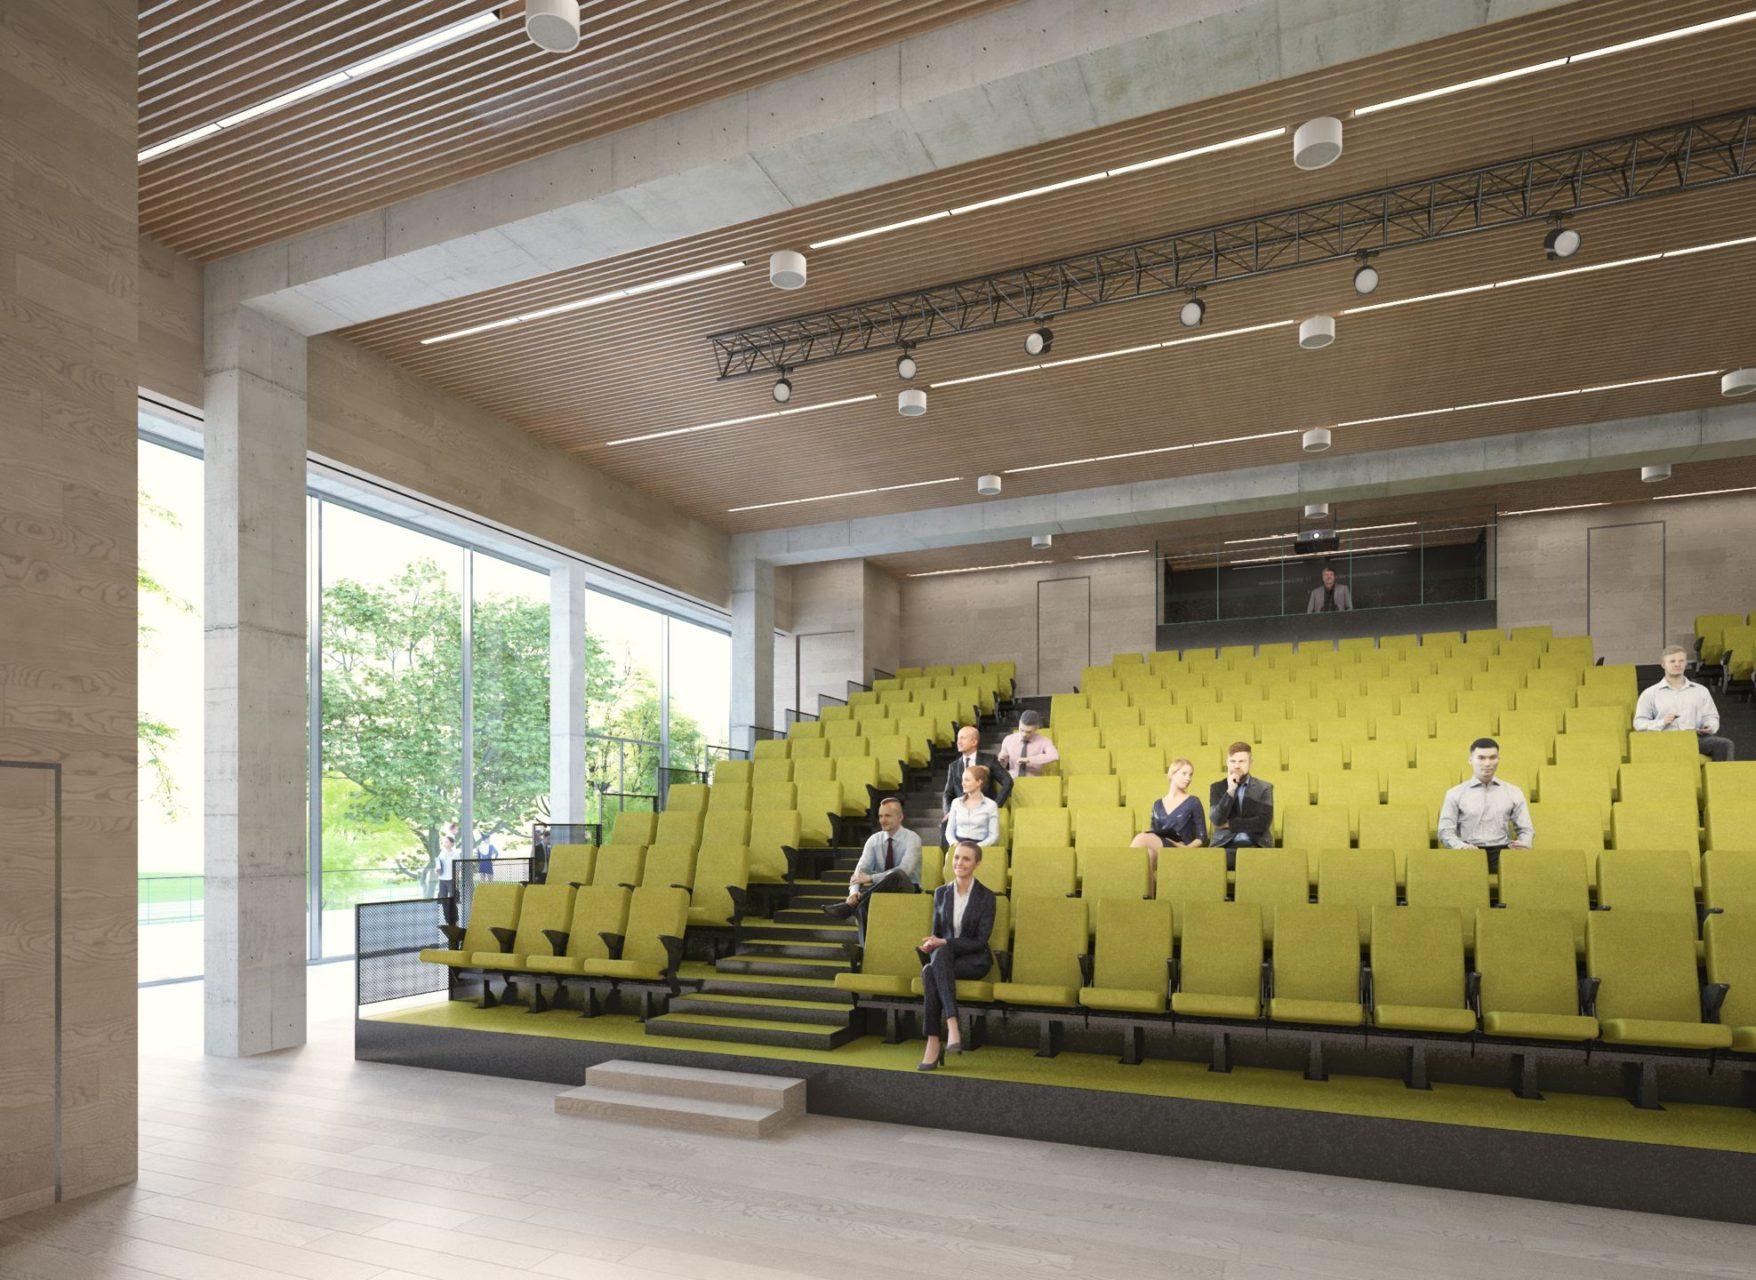 C auditorium 03-6